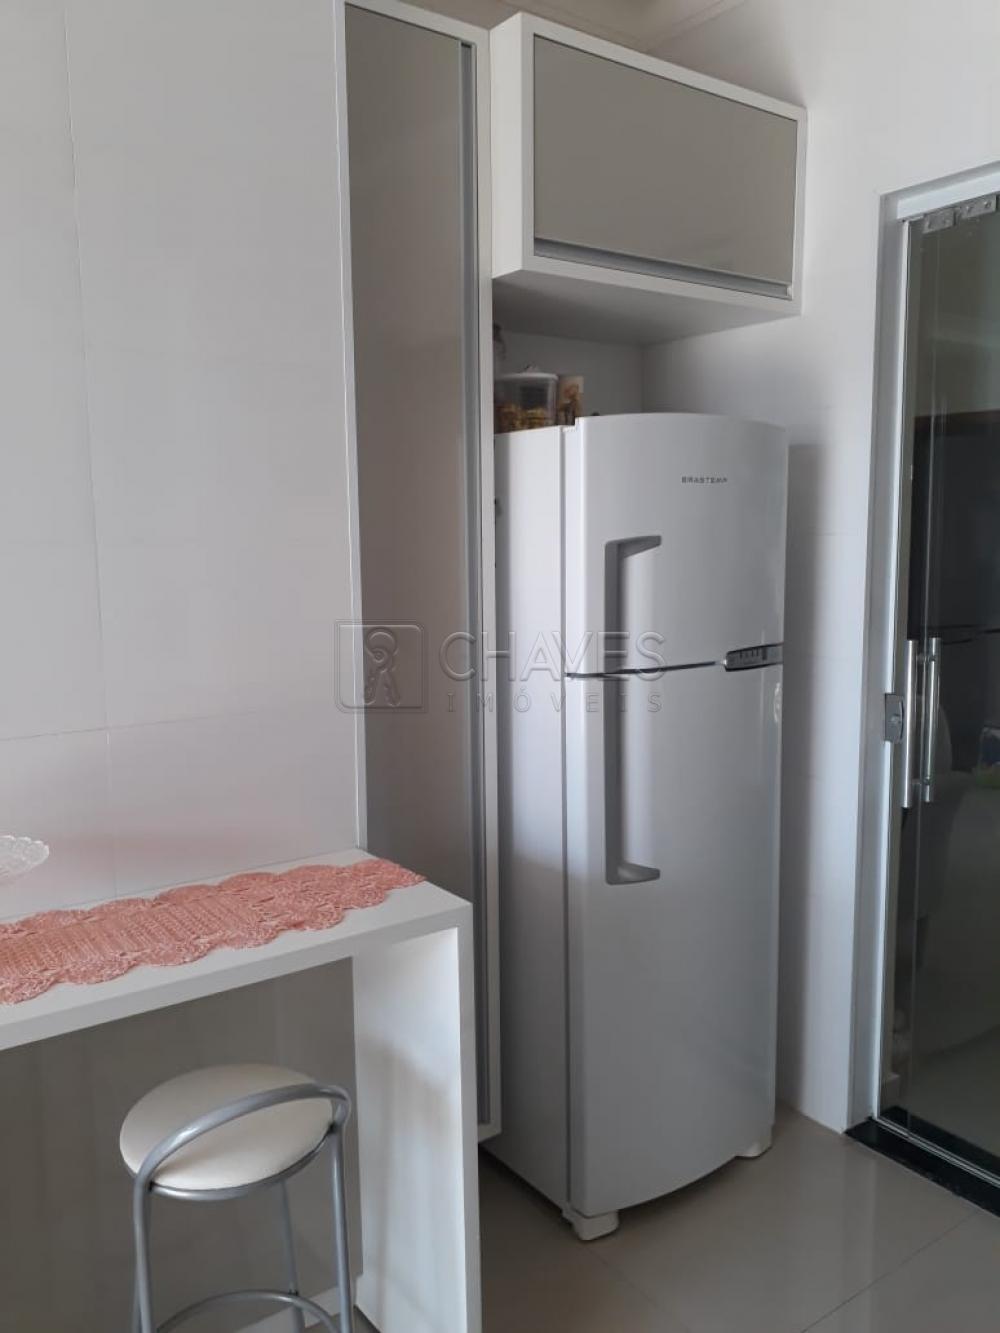 Comprar Casa / Condomínio em Ribeirão Preto apenas R$ 730.000,00 - Foto 24